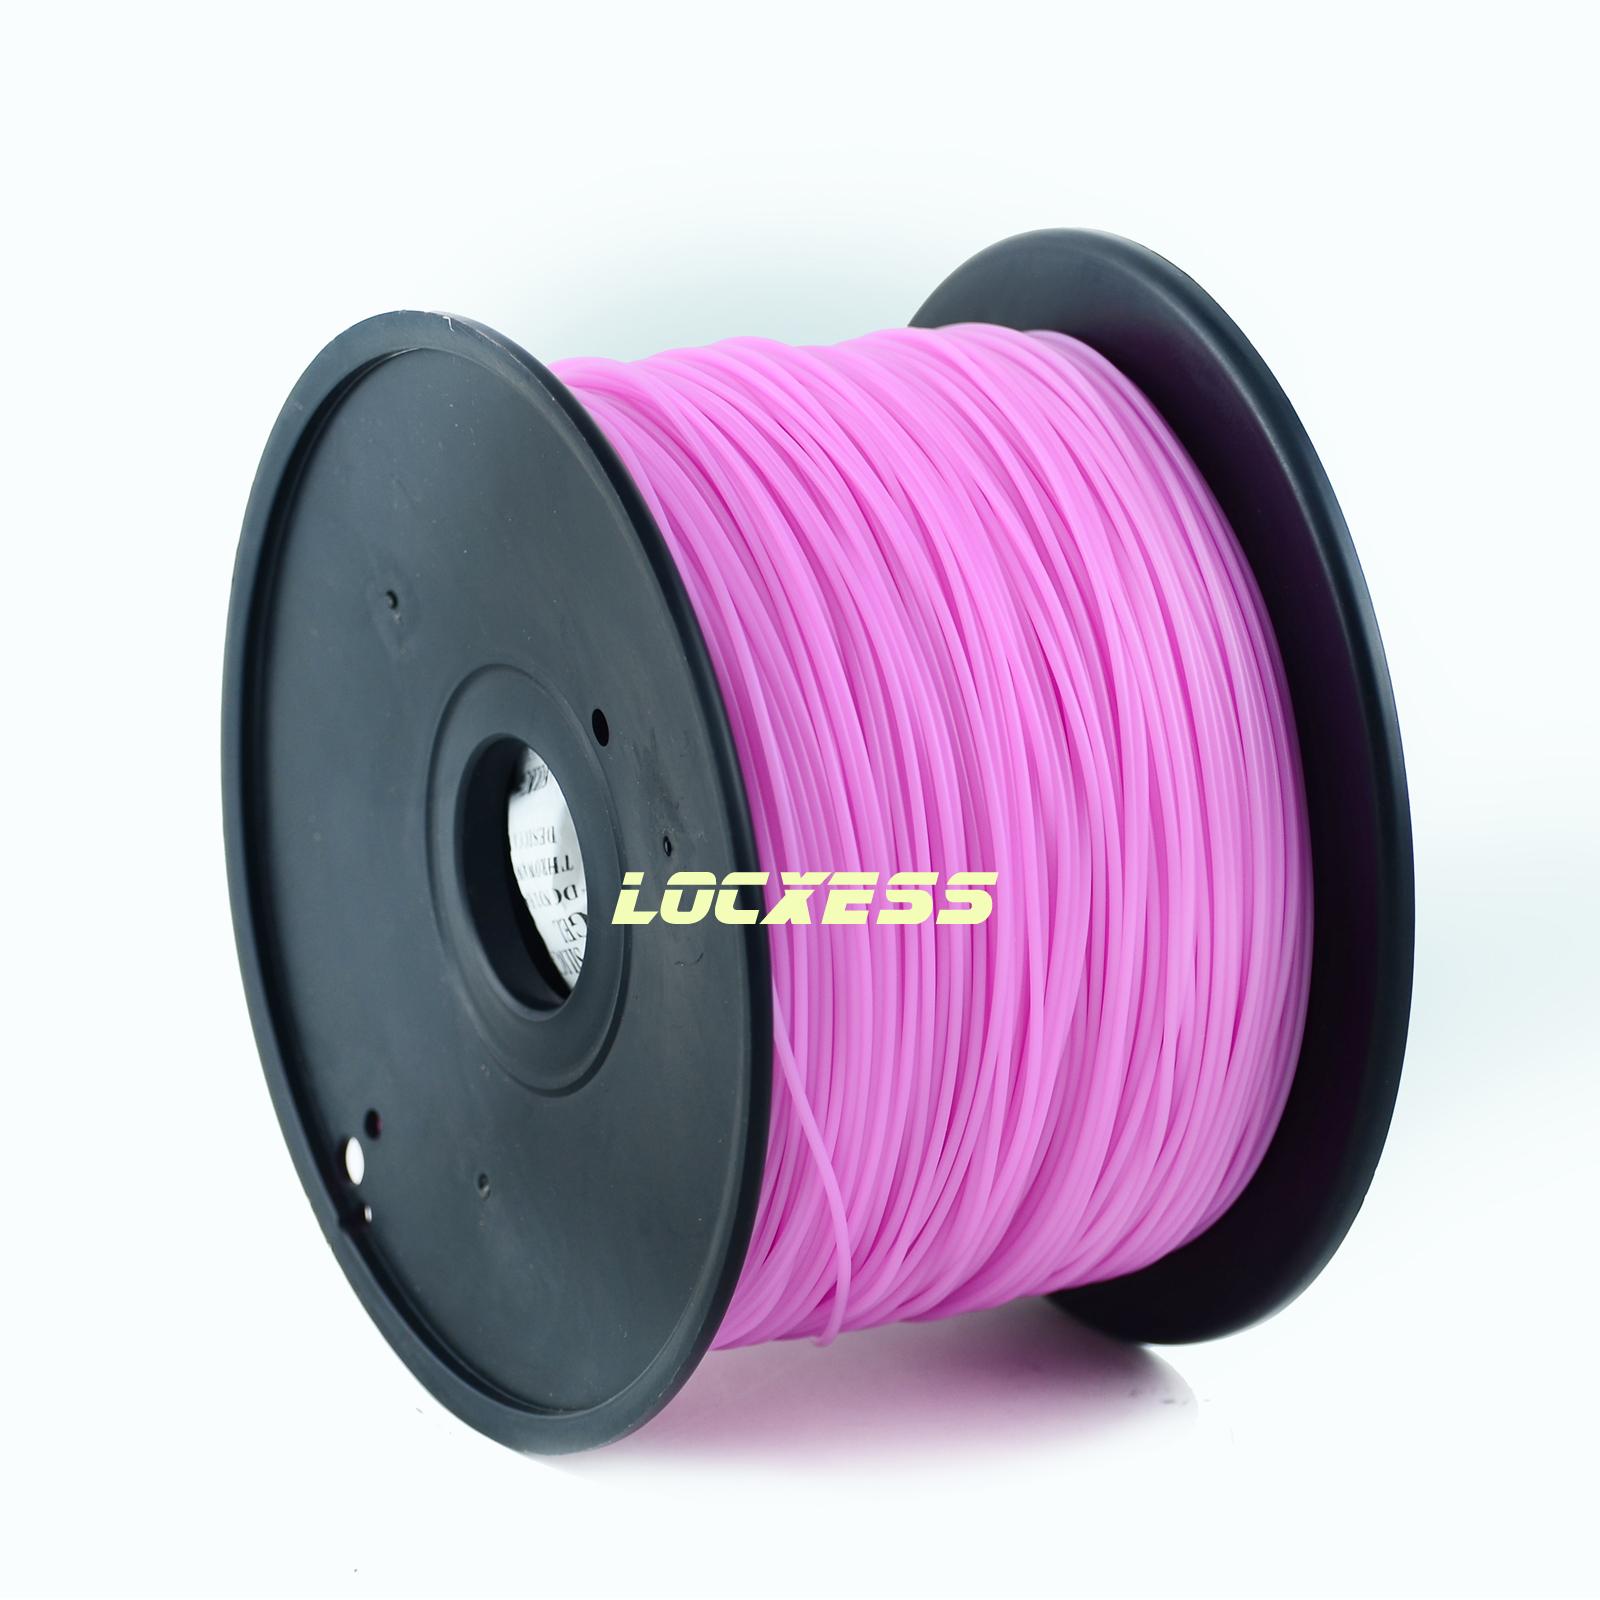 locxess trading abs filament 3 00 mm 1kg violett 3d drucker reprap prusa makerbot mendel. Black Bedroom Furniture Sets. Home Design Ideas